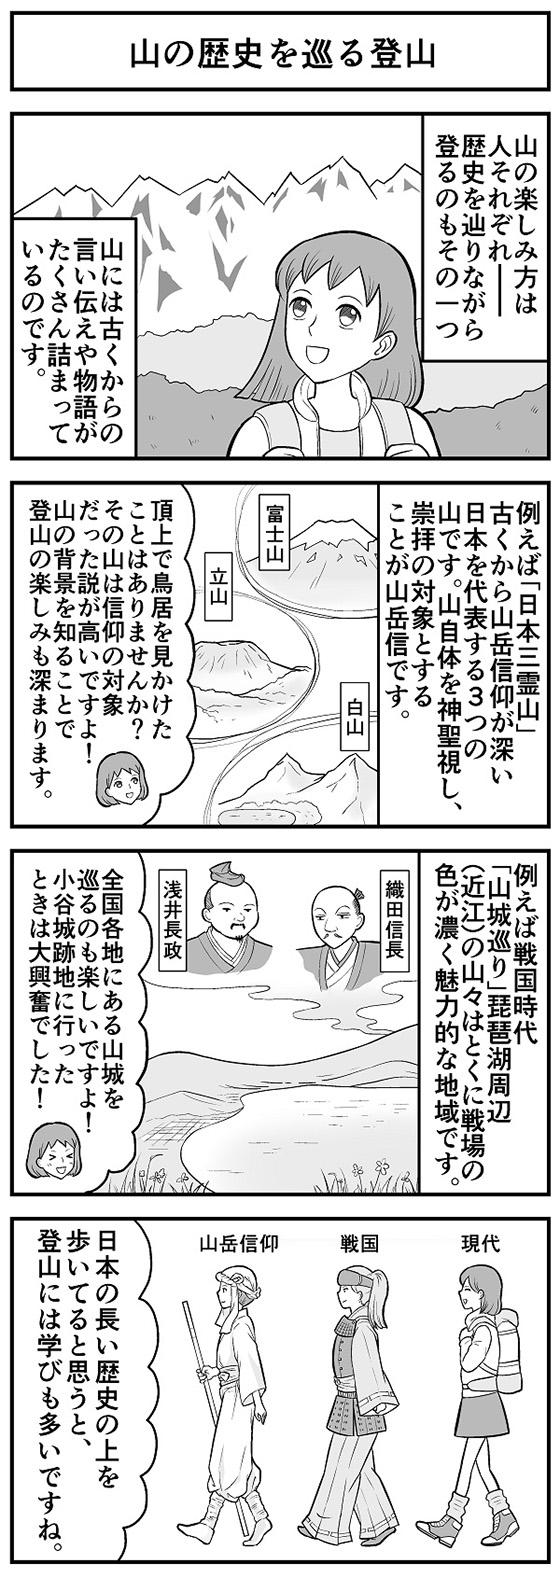 【登山マンガ】山の歴史を巡る登山の楽しみ方